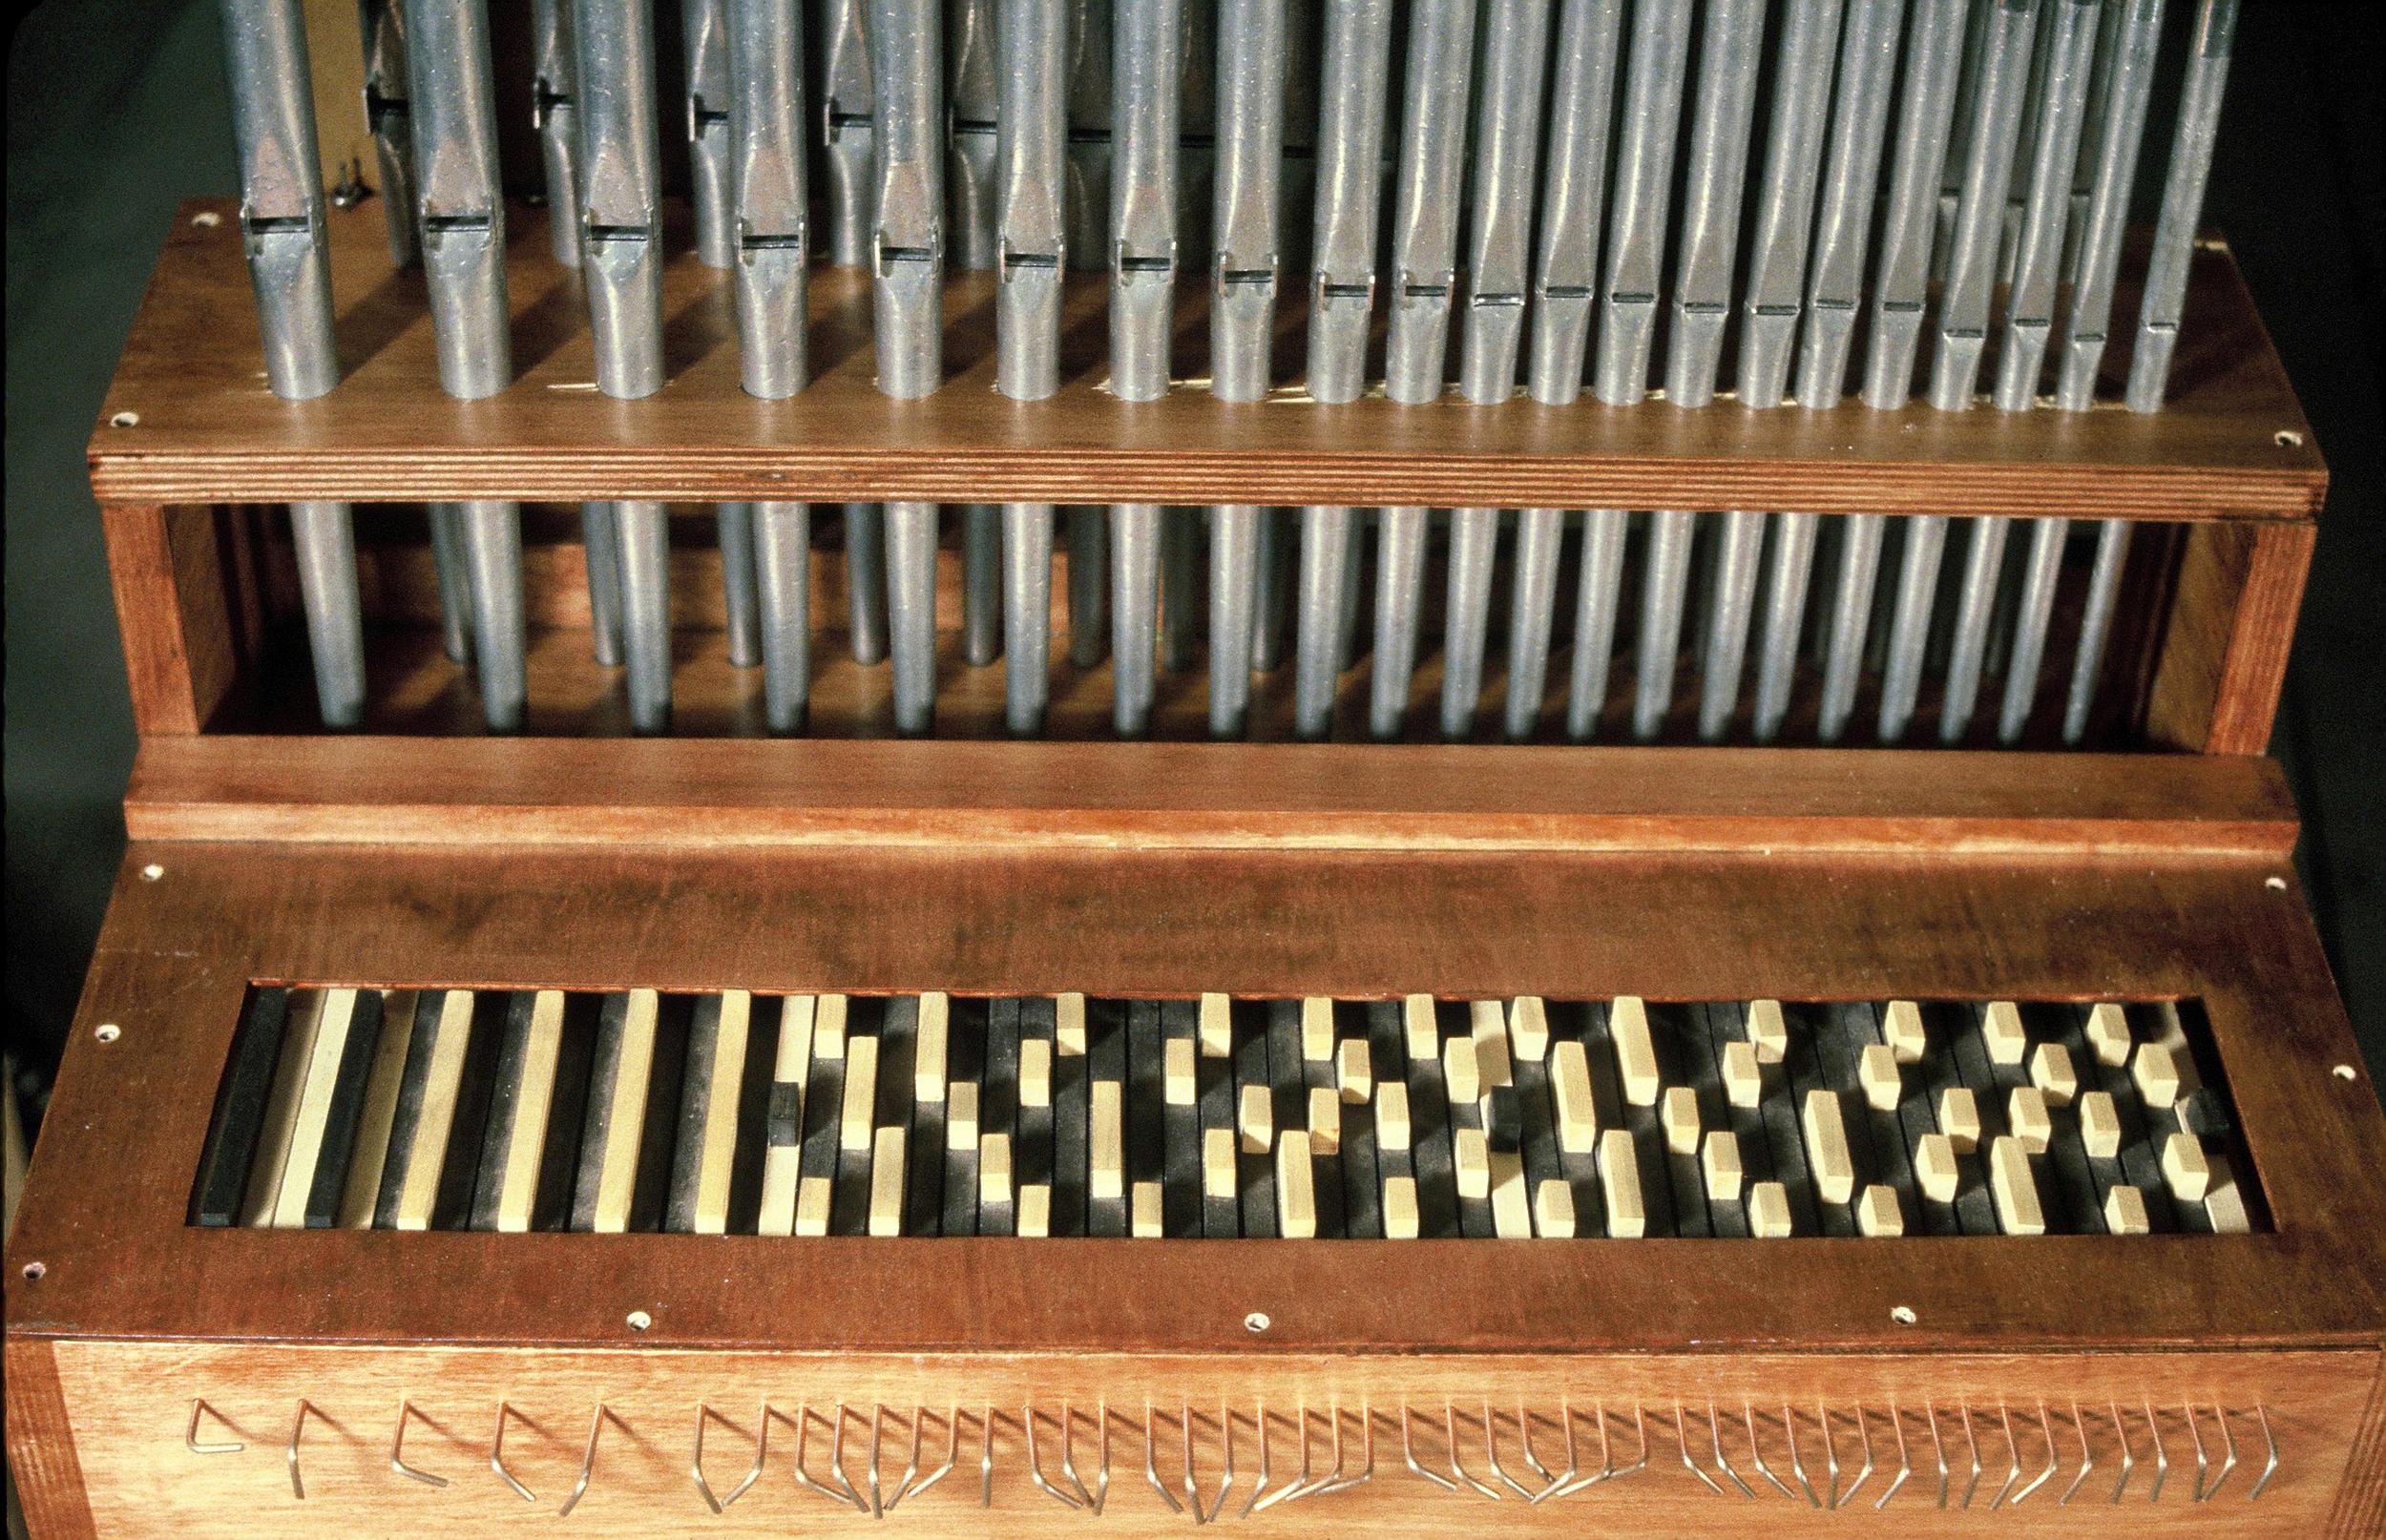 Portative Orgen with Keyboard in Dreyblatt Intonation, Middletown, 1981